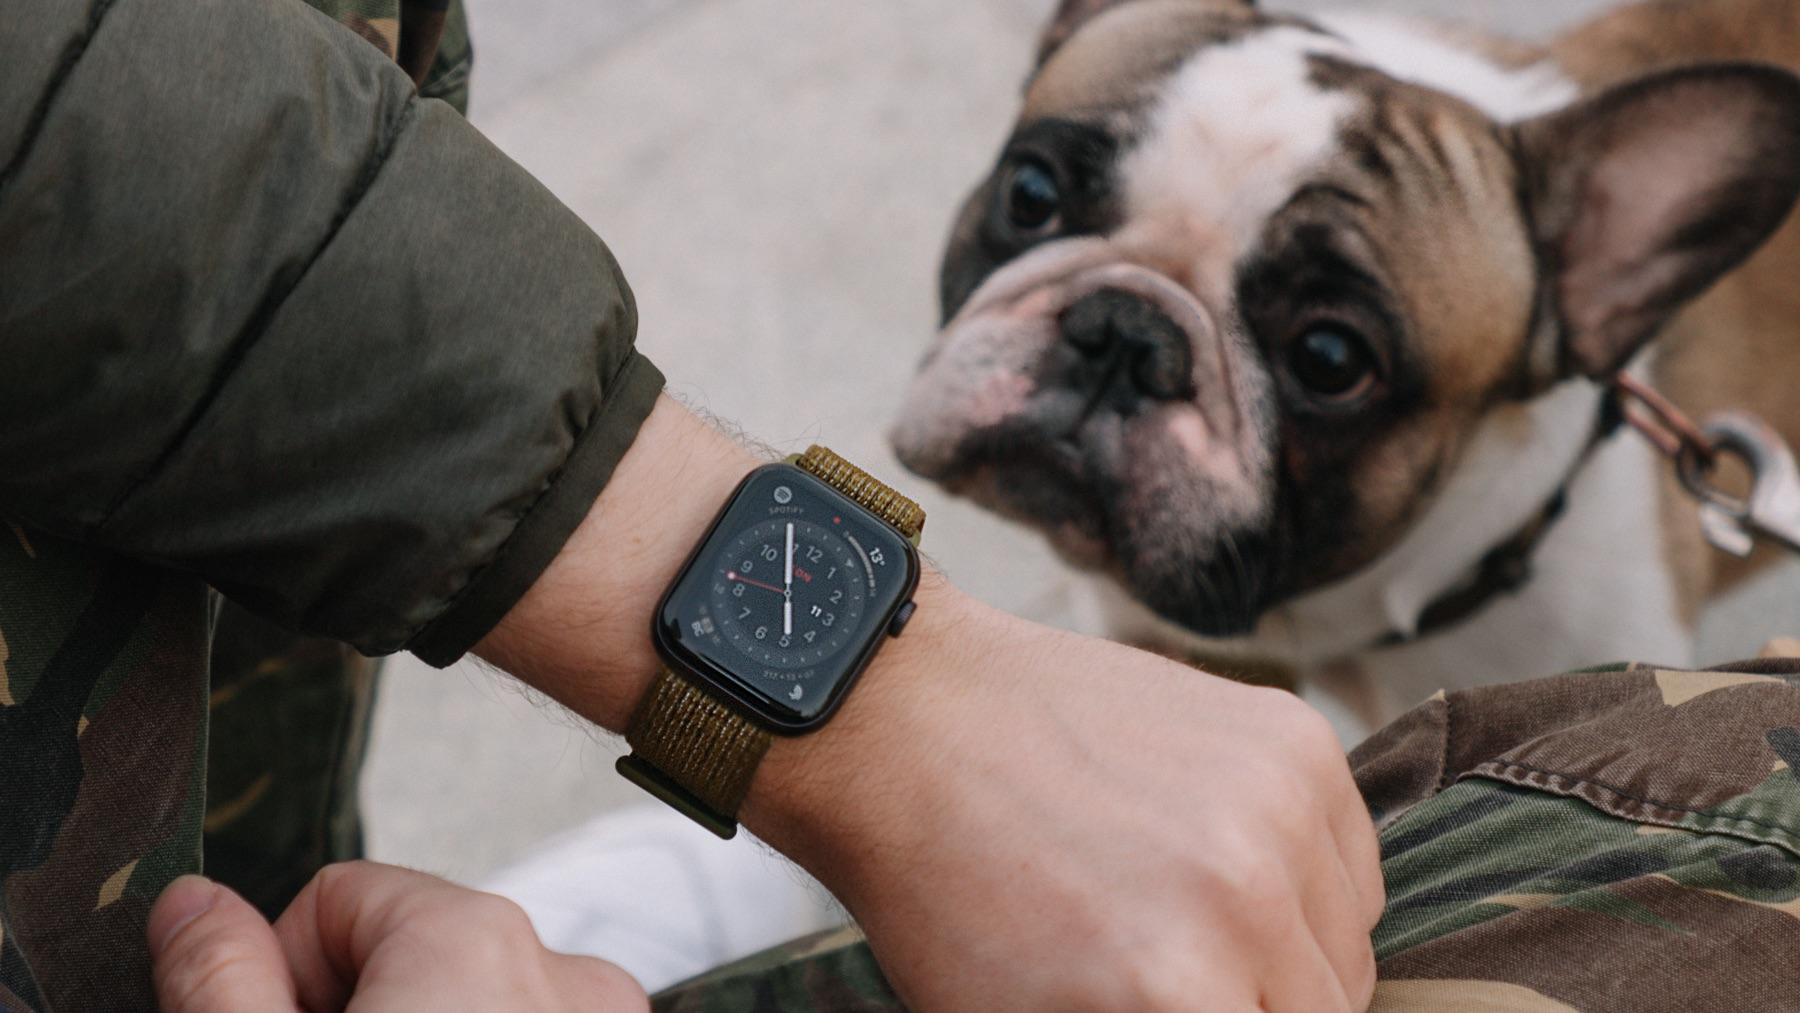 Впечатления от Apple Watch Series 6: побоялся новых цветов, начал спать в часах, облажался с монобраслетом